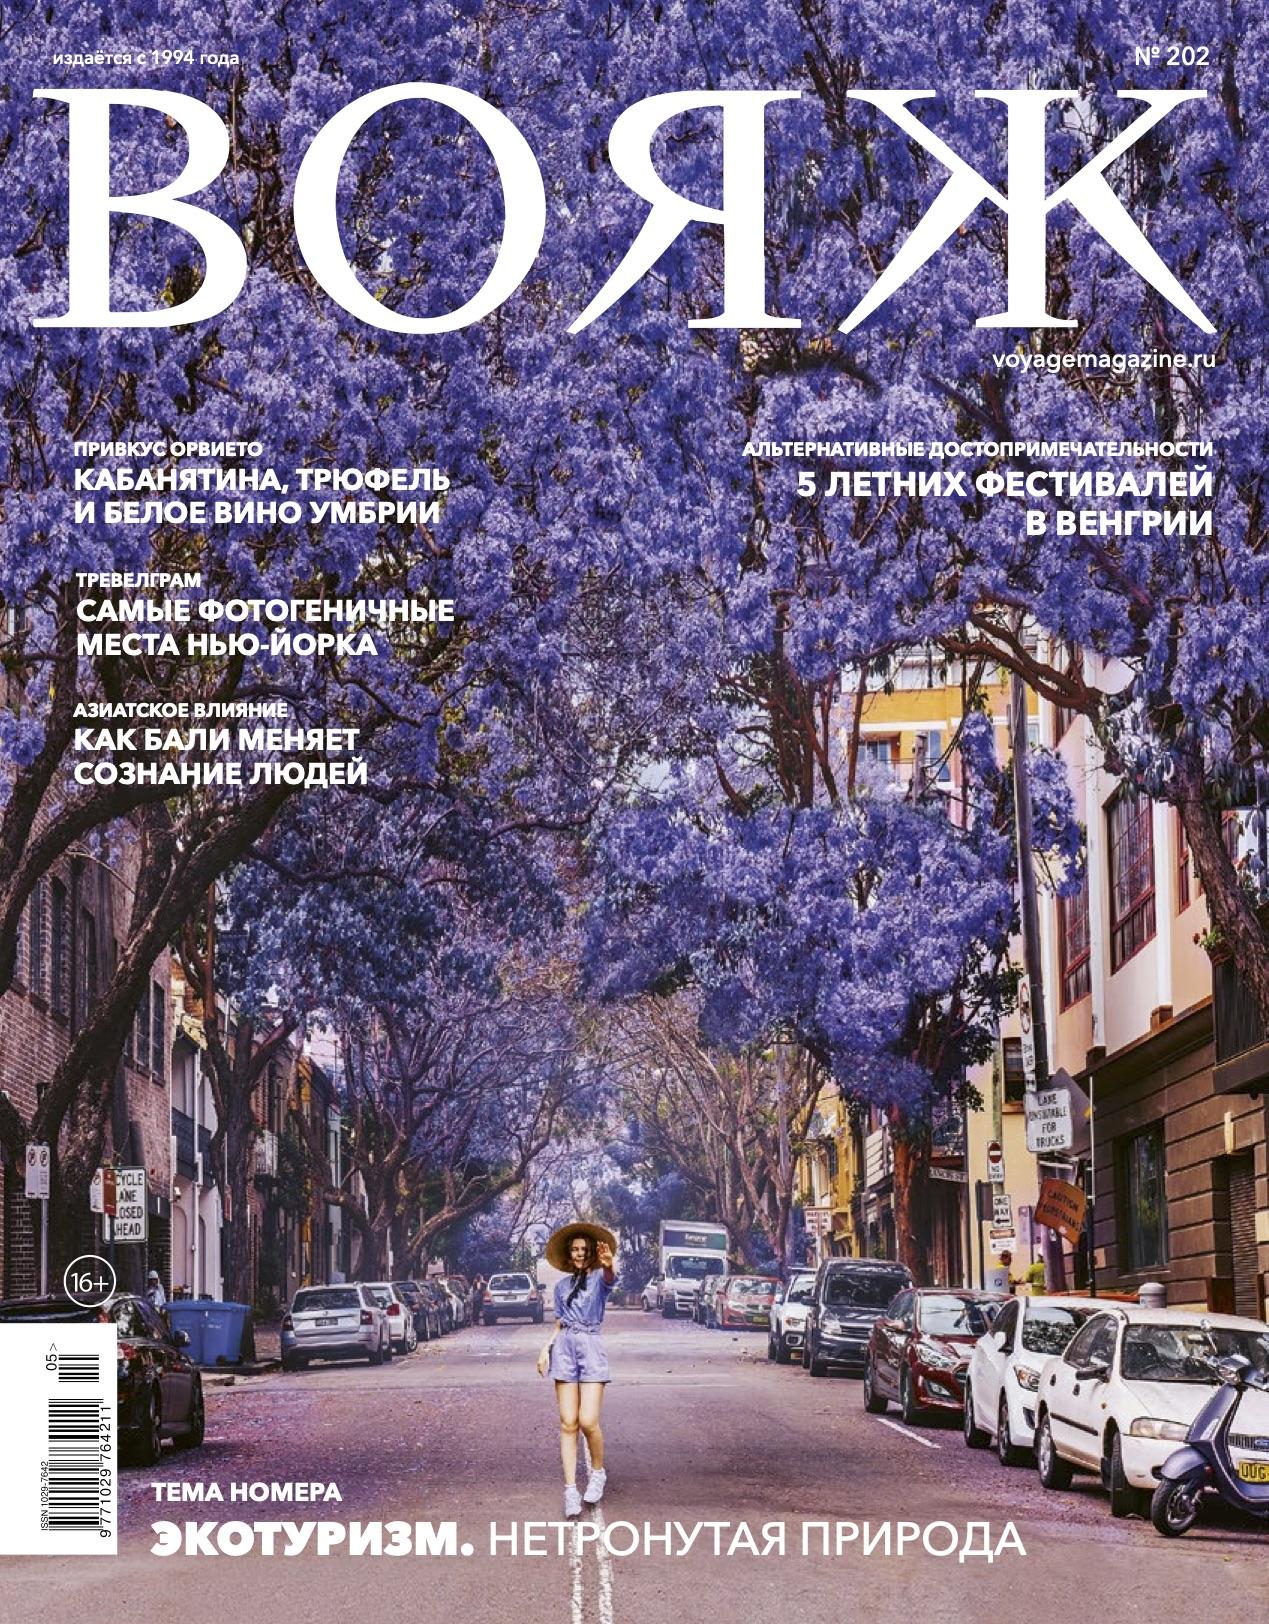 Обложка журнала ВОЯЖ №202